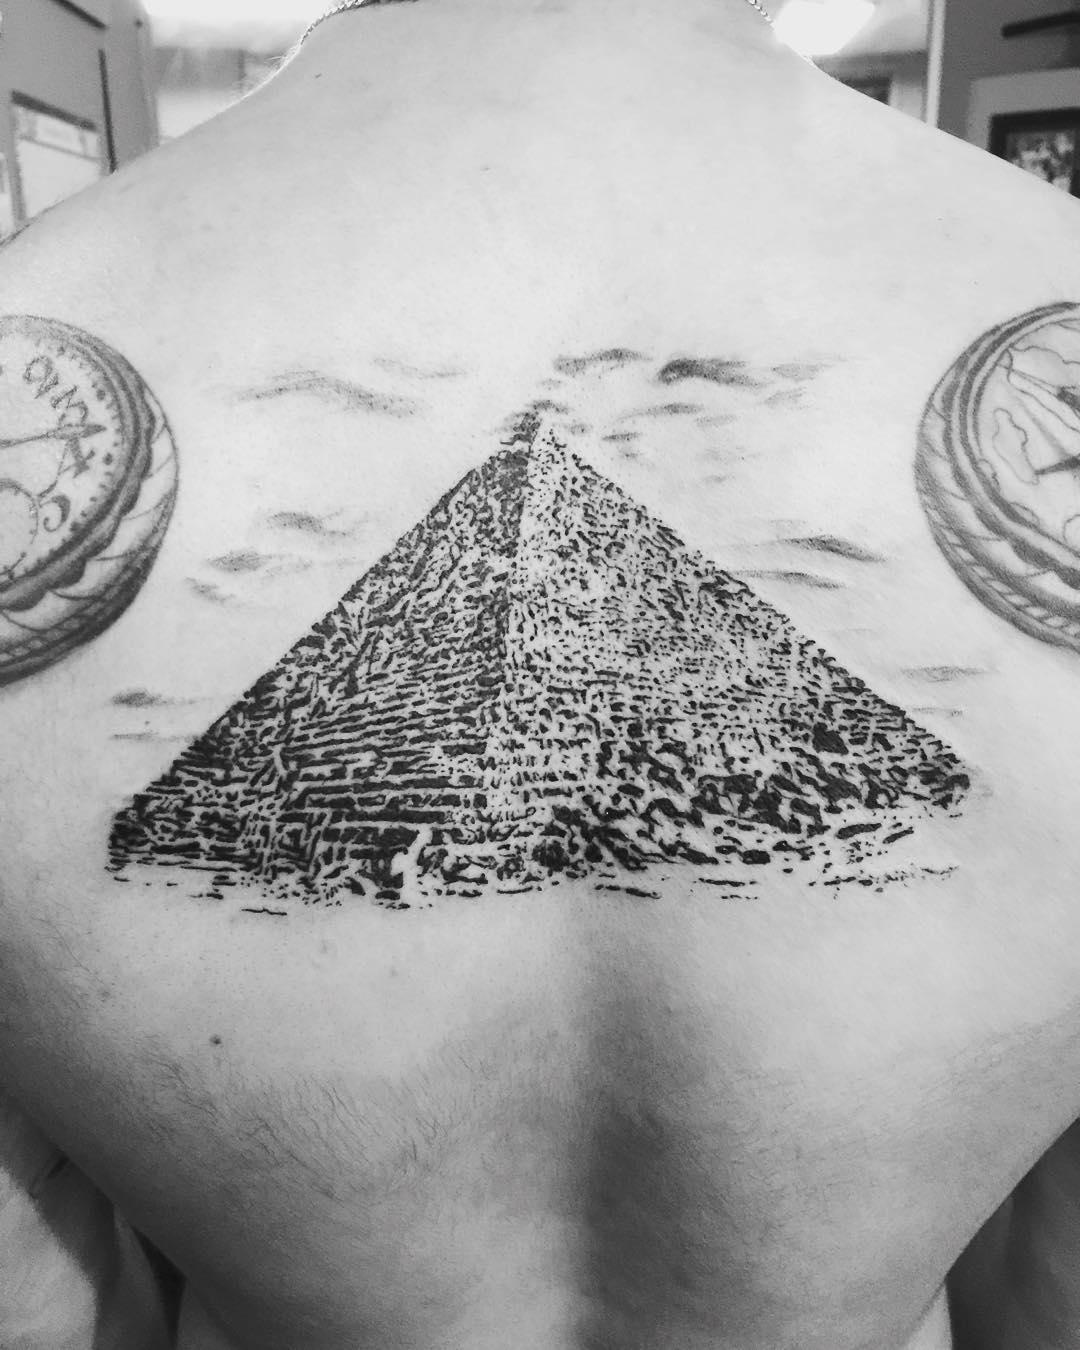 El gran pirámide diseño de tatuaje en espalda